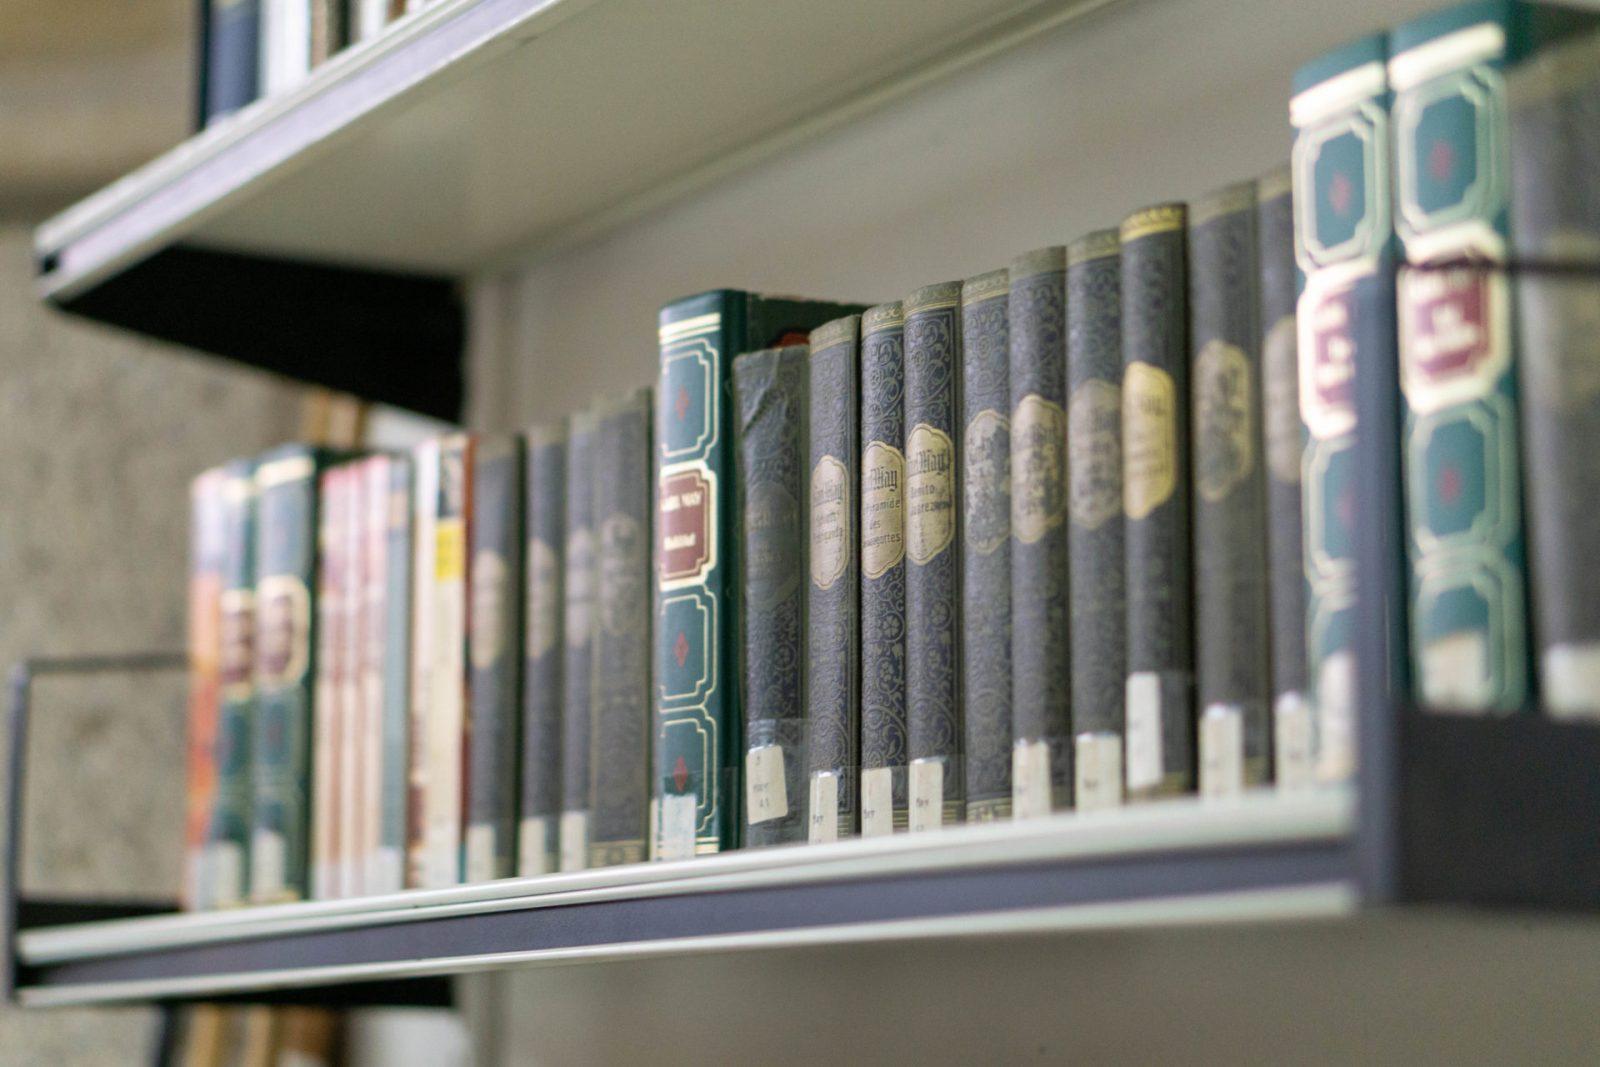 Teil der Bibliothek mit alten Büchern